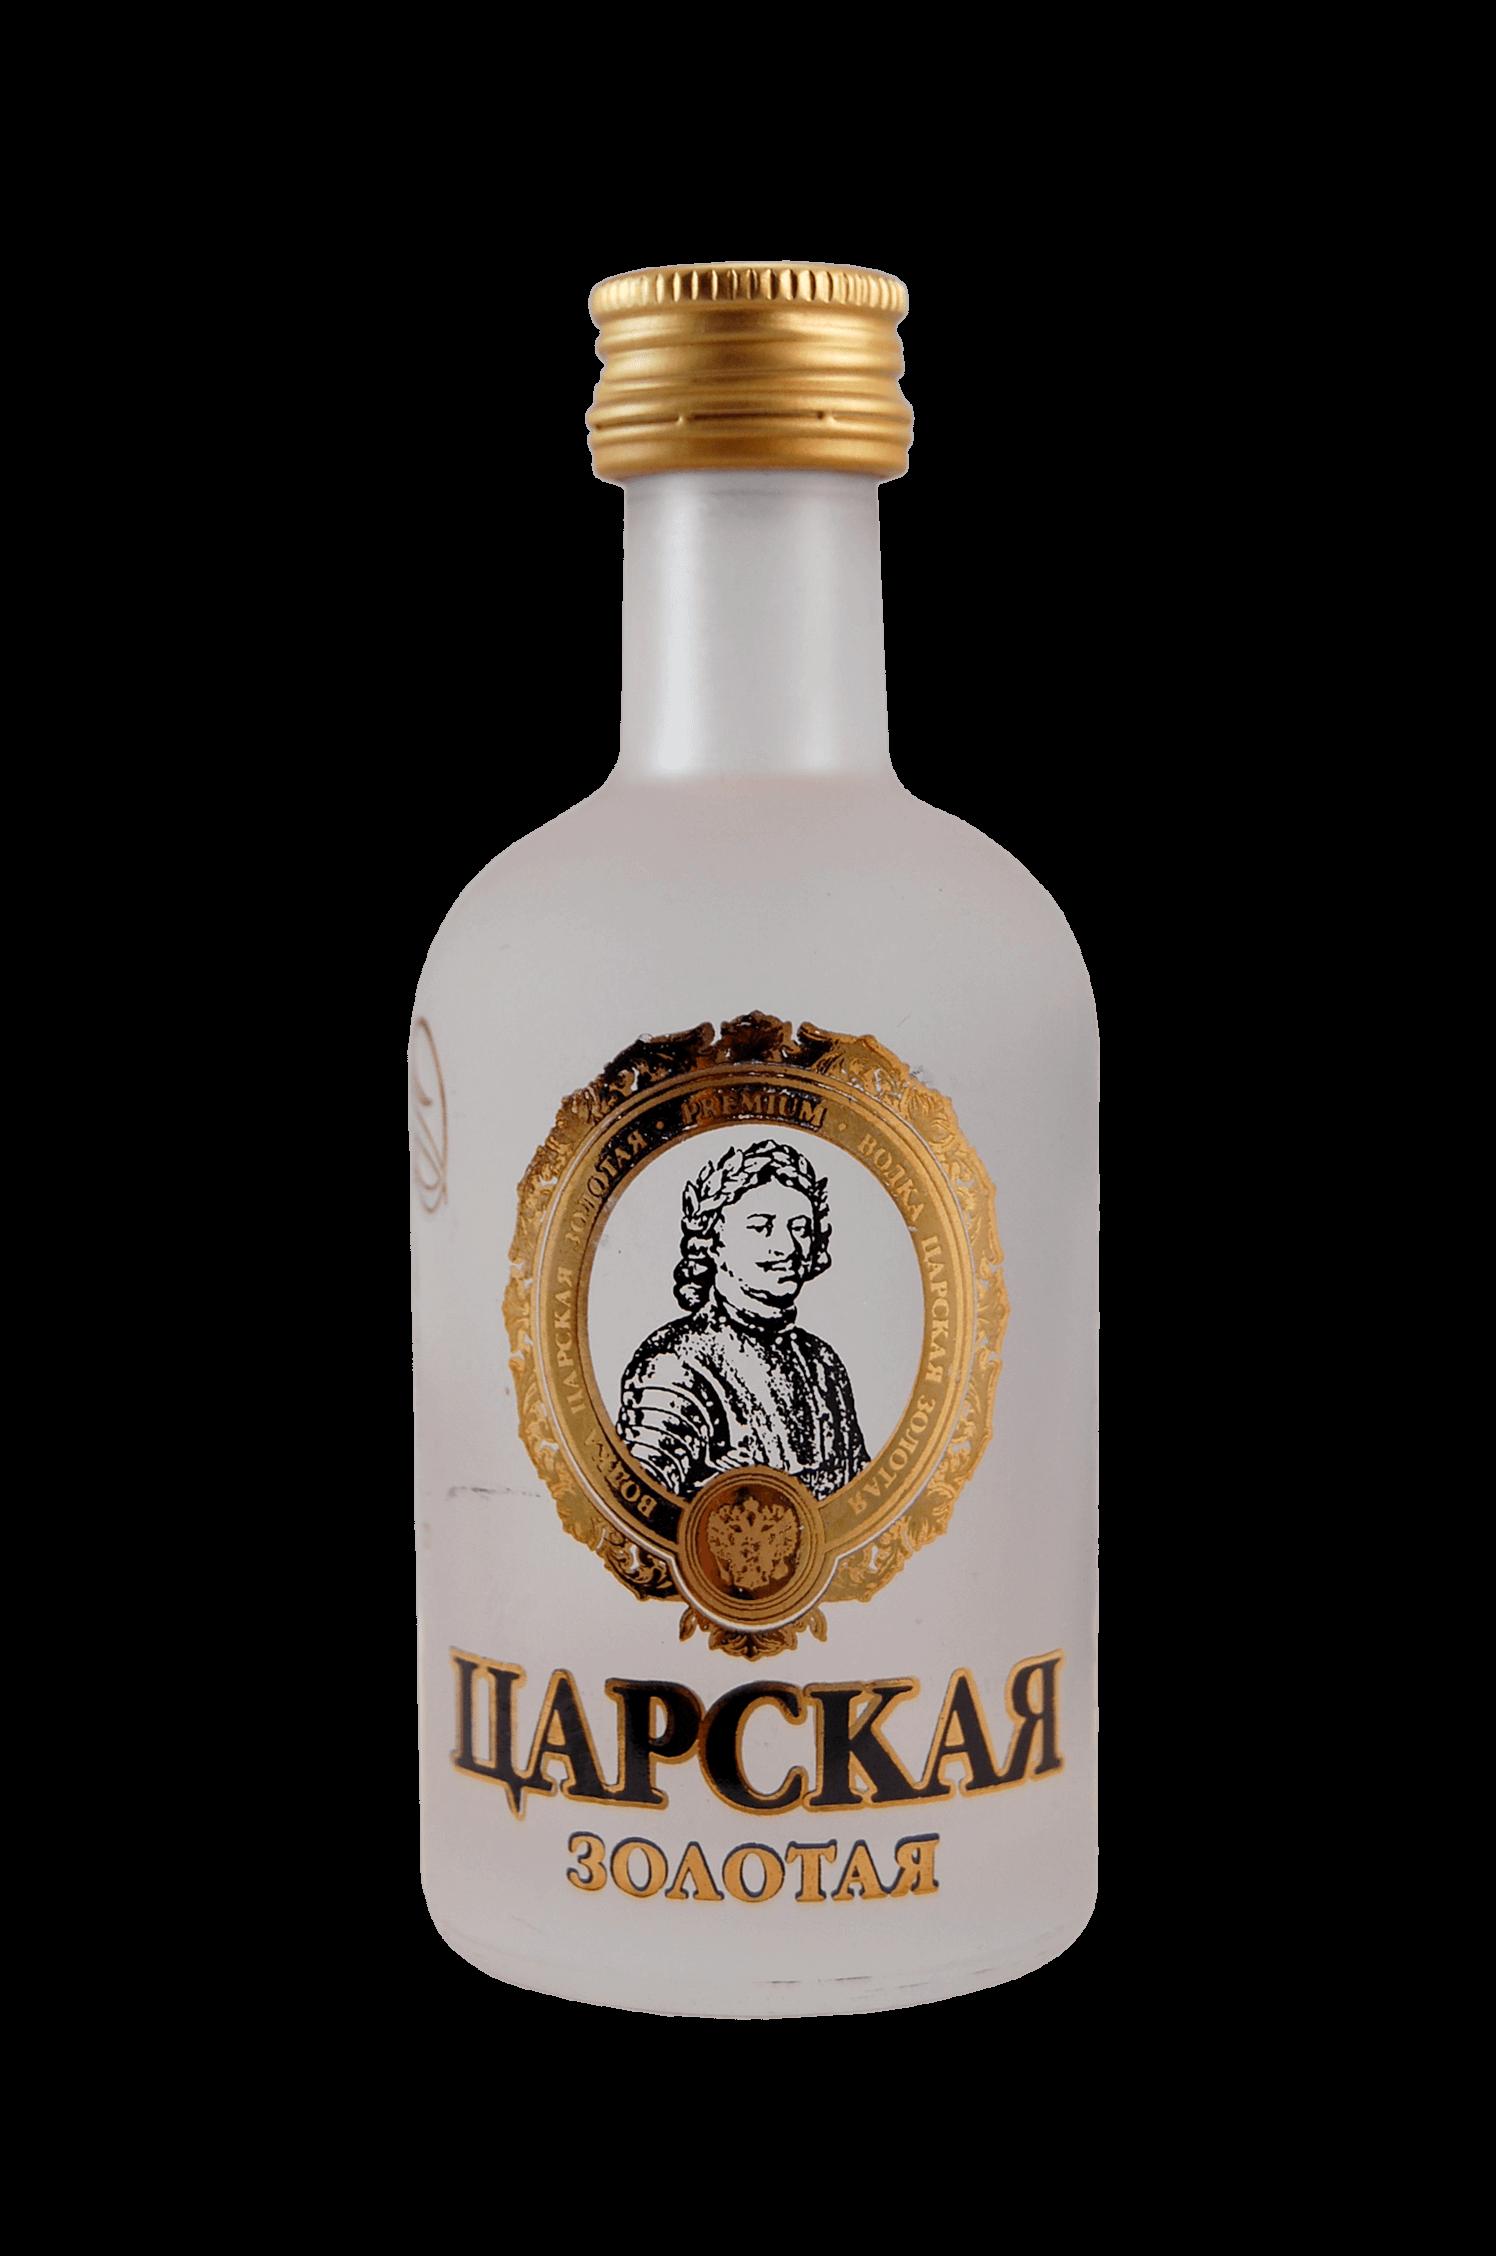 Vodka Carskaja Zolotaja